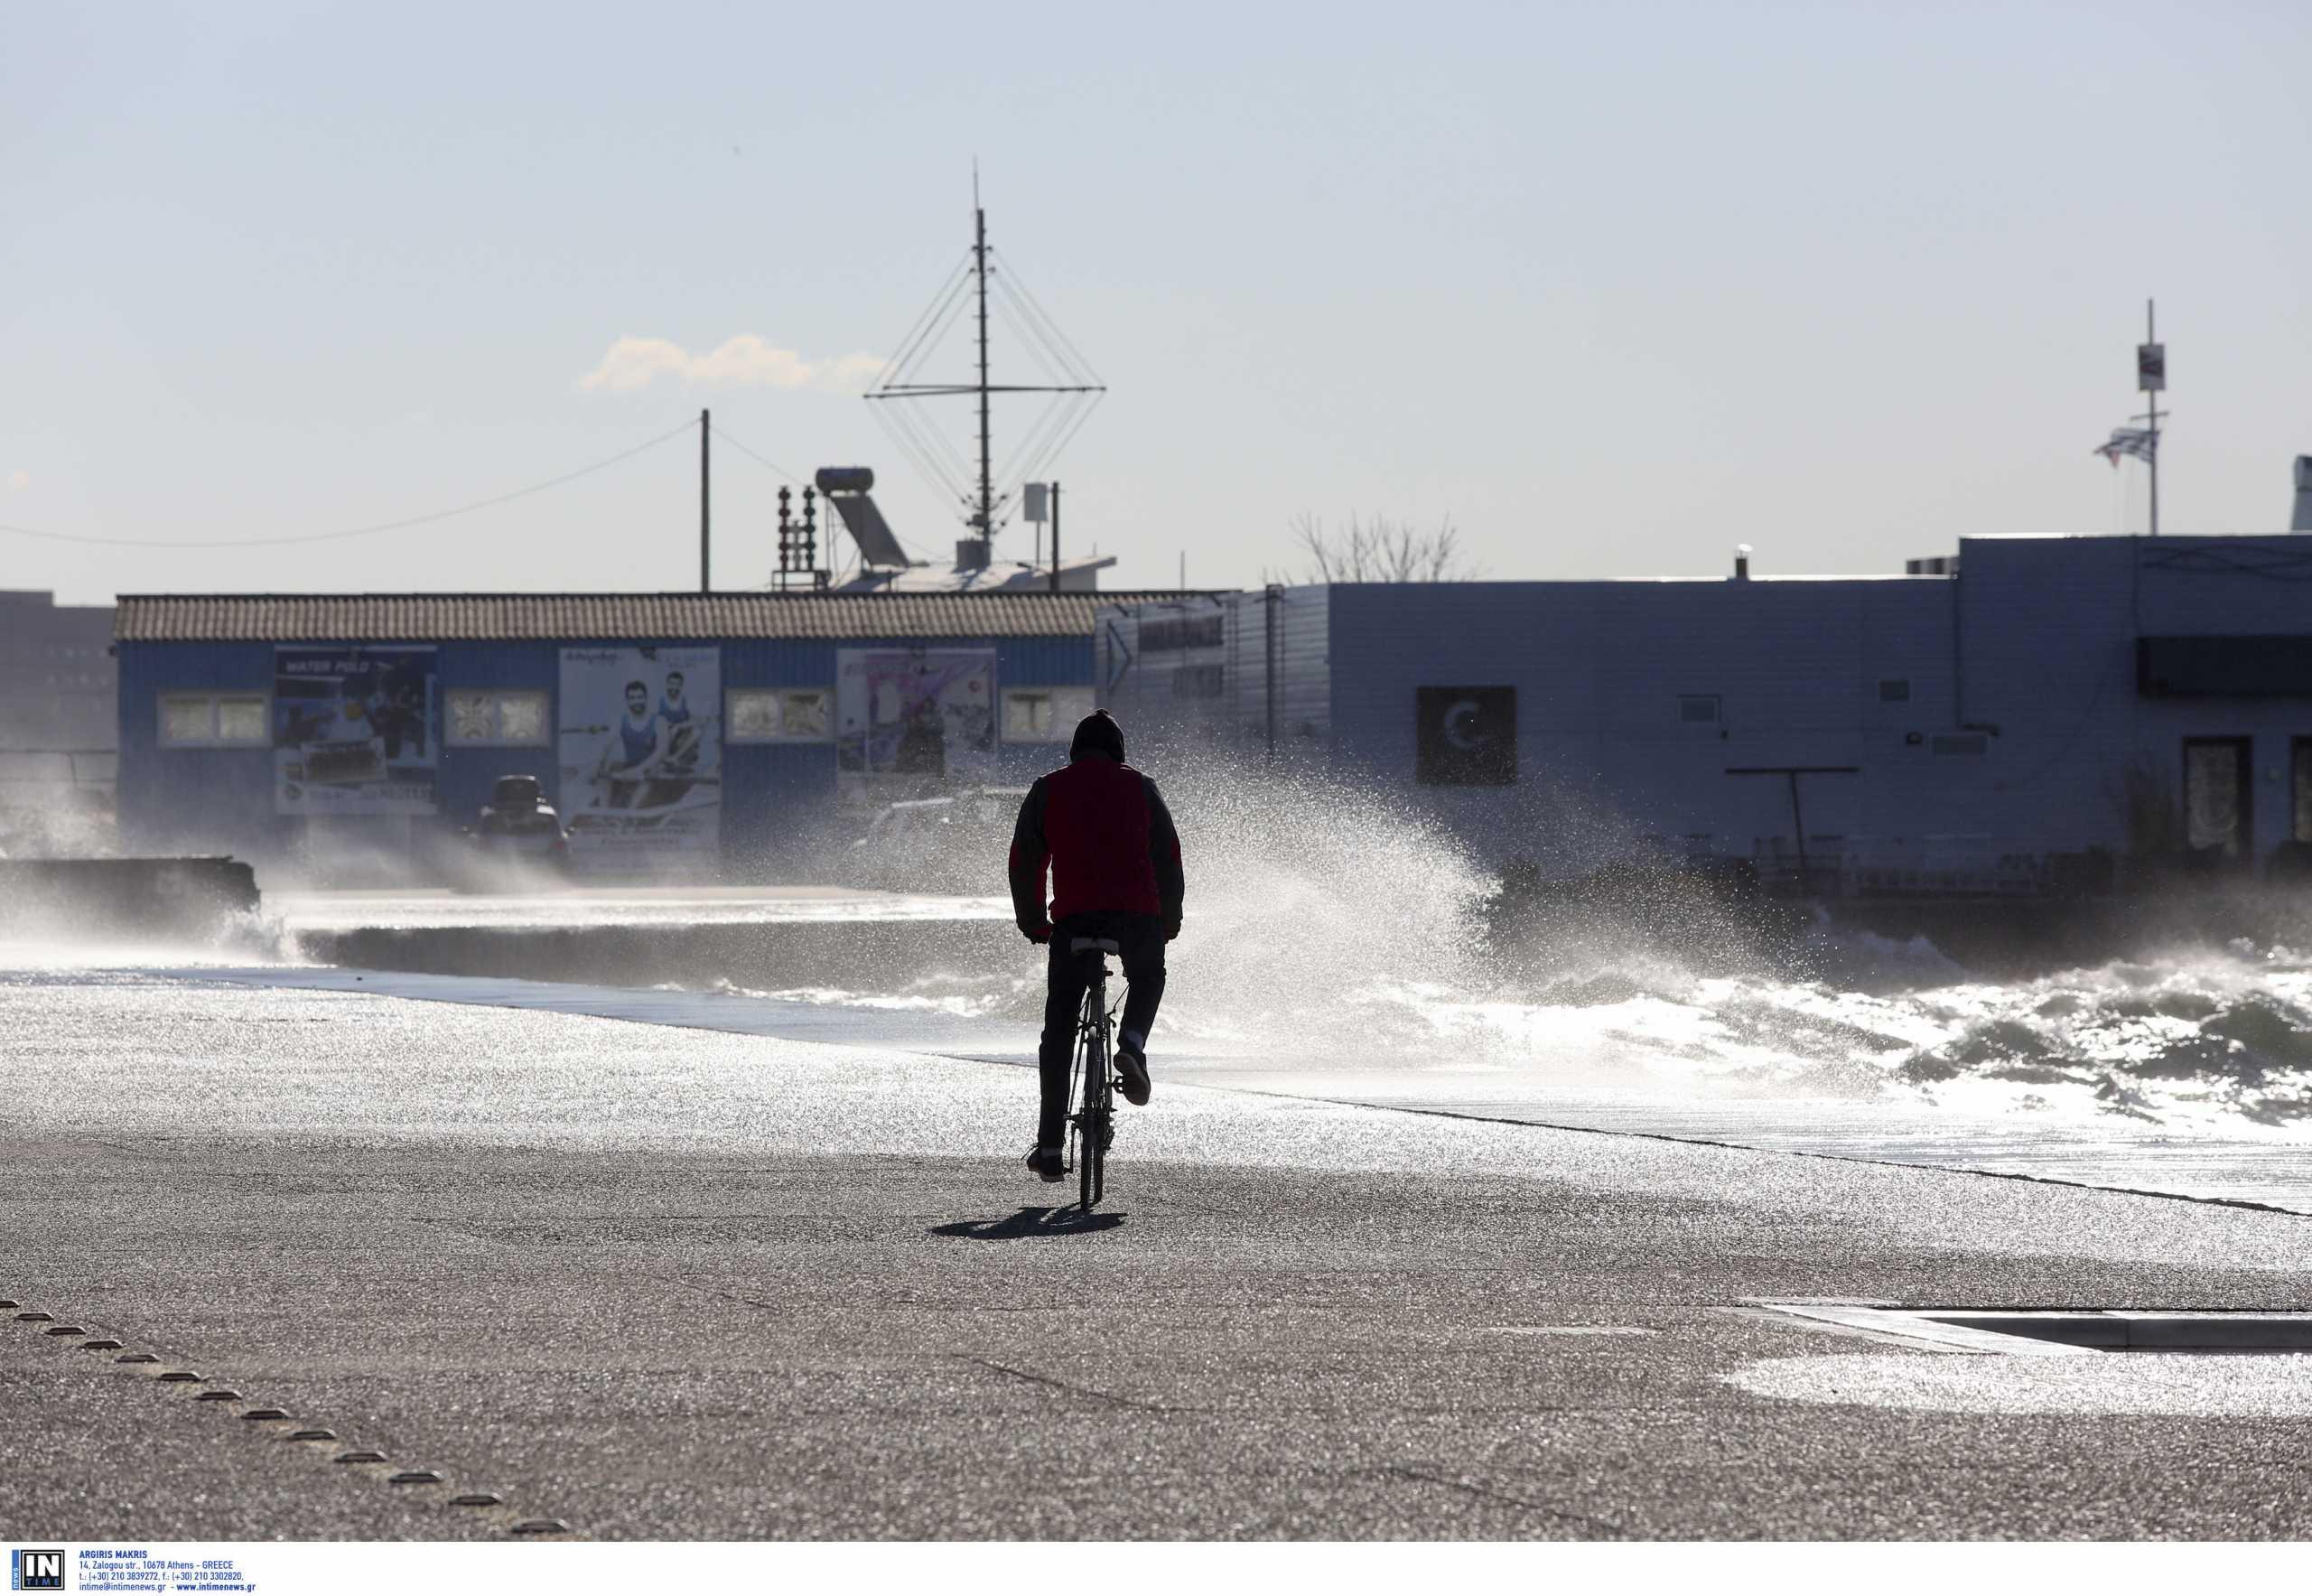 Χαμός από αέρα στη Θεσσαλονίκη – Tο κύμα βγήκε στη στεριά (video)